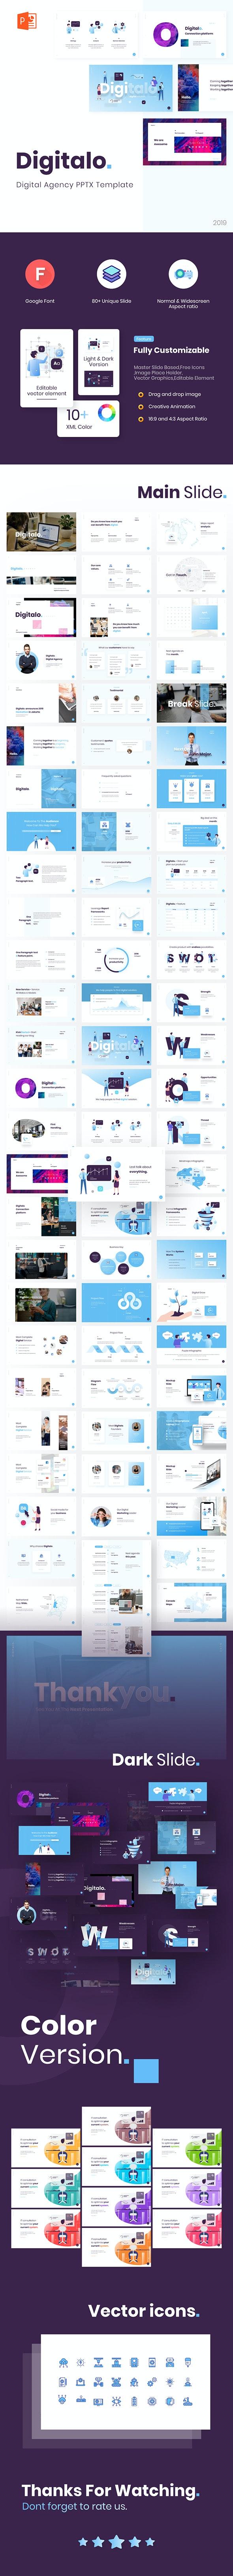 Digitalo Digital Agency PowerPoint Template